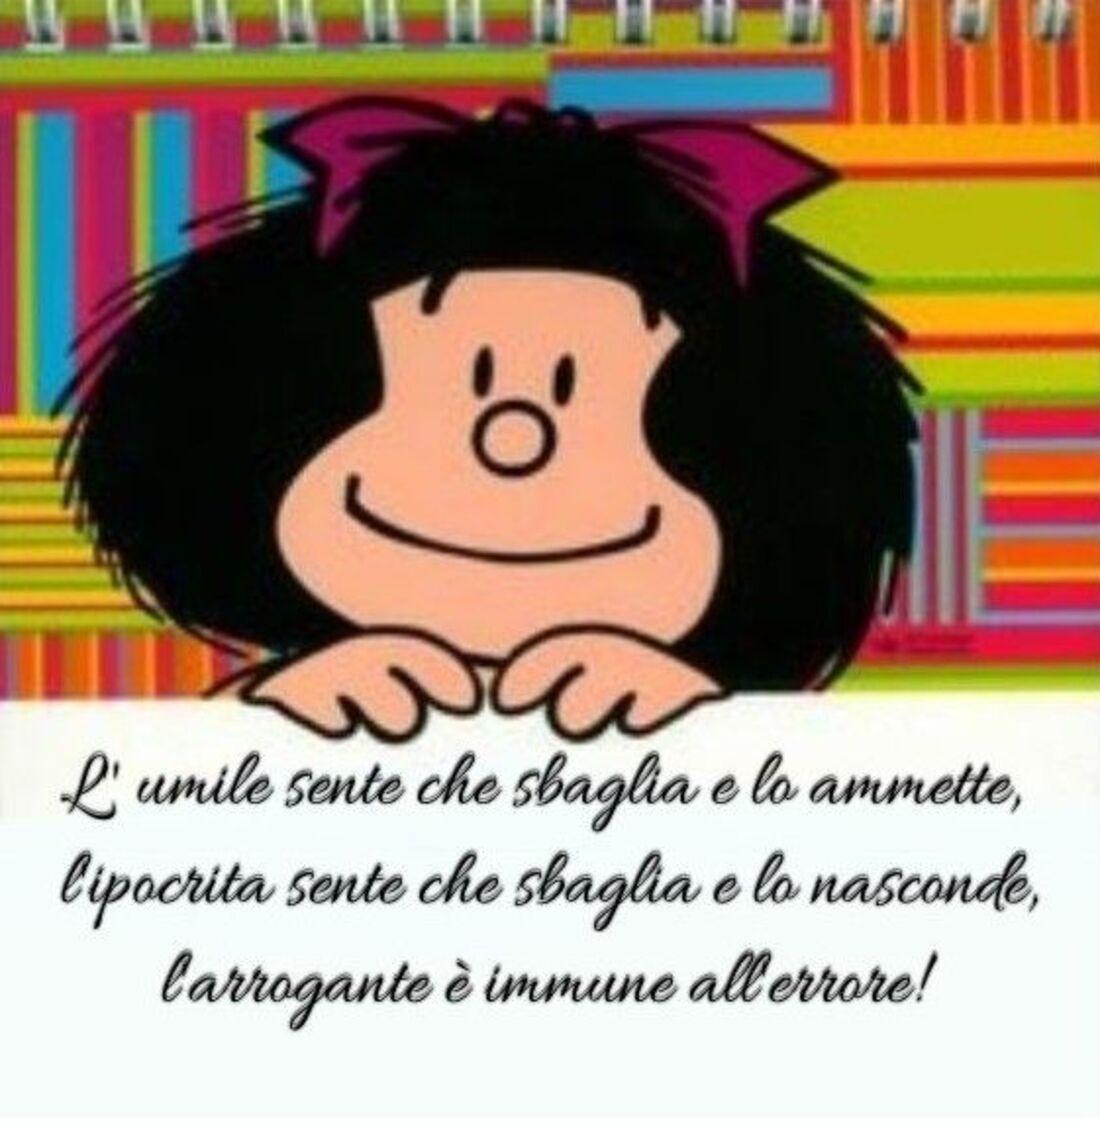 """""""L'umile sente che sbaglia e lo ammette, l'ipocrita sente che sbaglia e lo nasconde, l'arrogante è immune all'errore!"""" - Mafalda"""